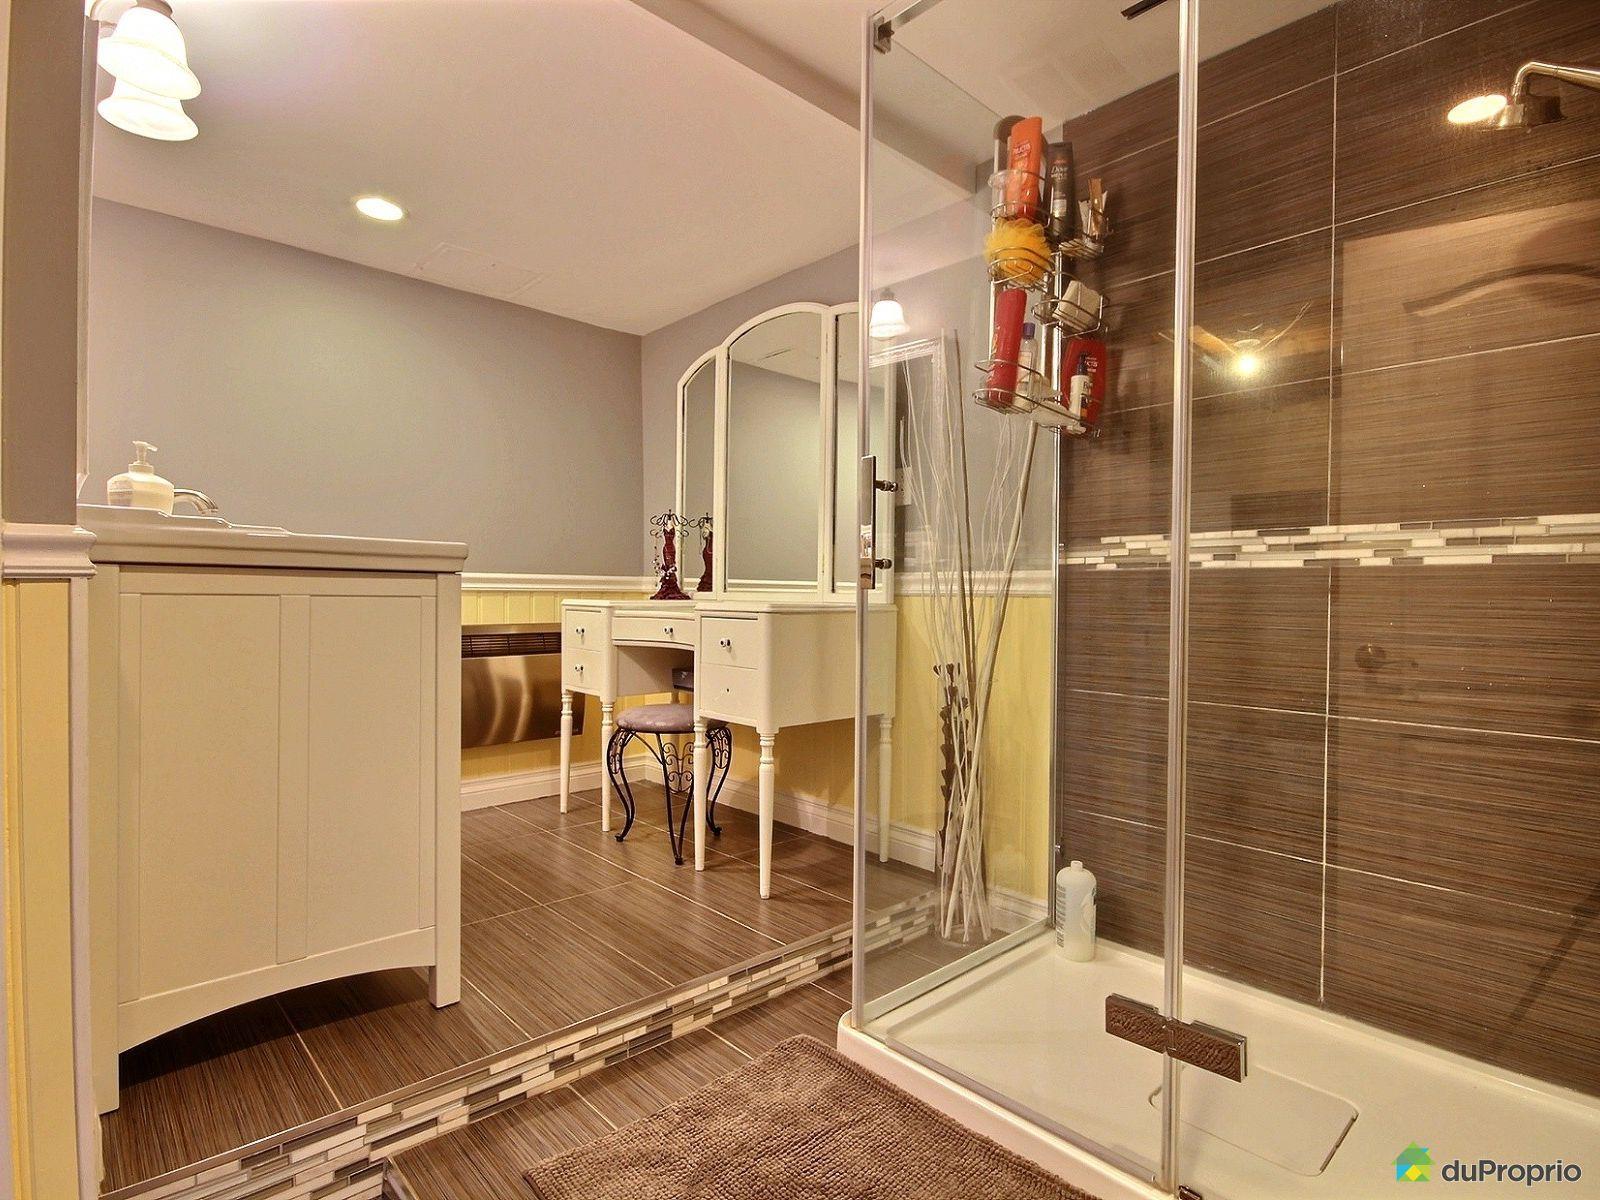 Maison vendre st eustache 142 38e avenue immobilier for Salle de bain 25 st eustache